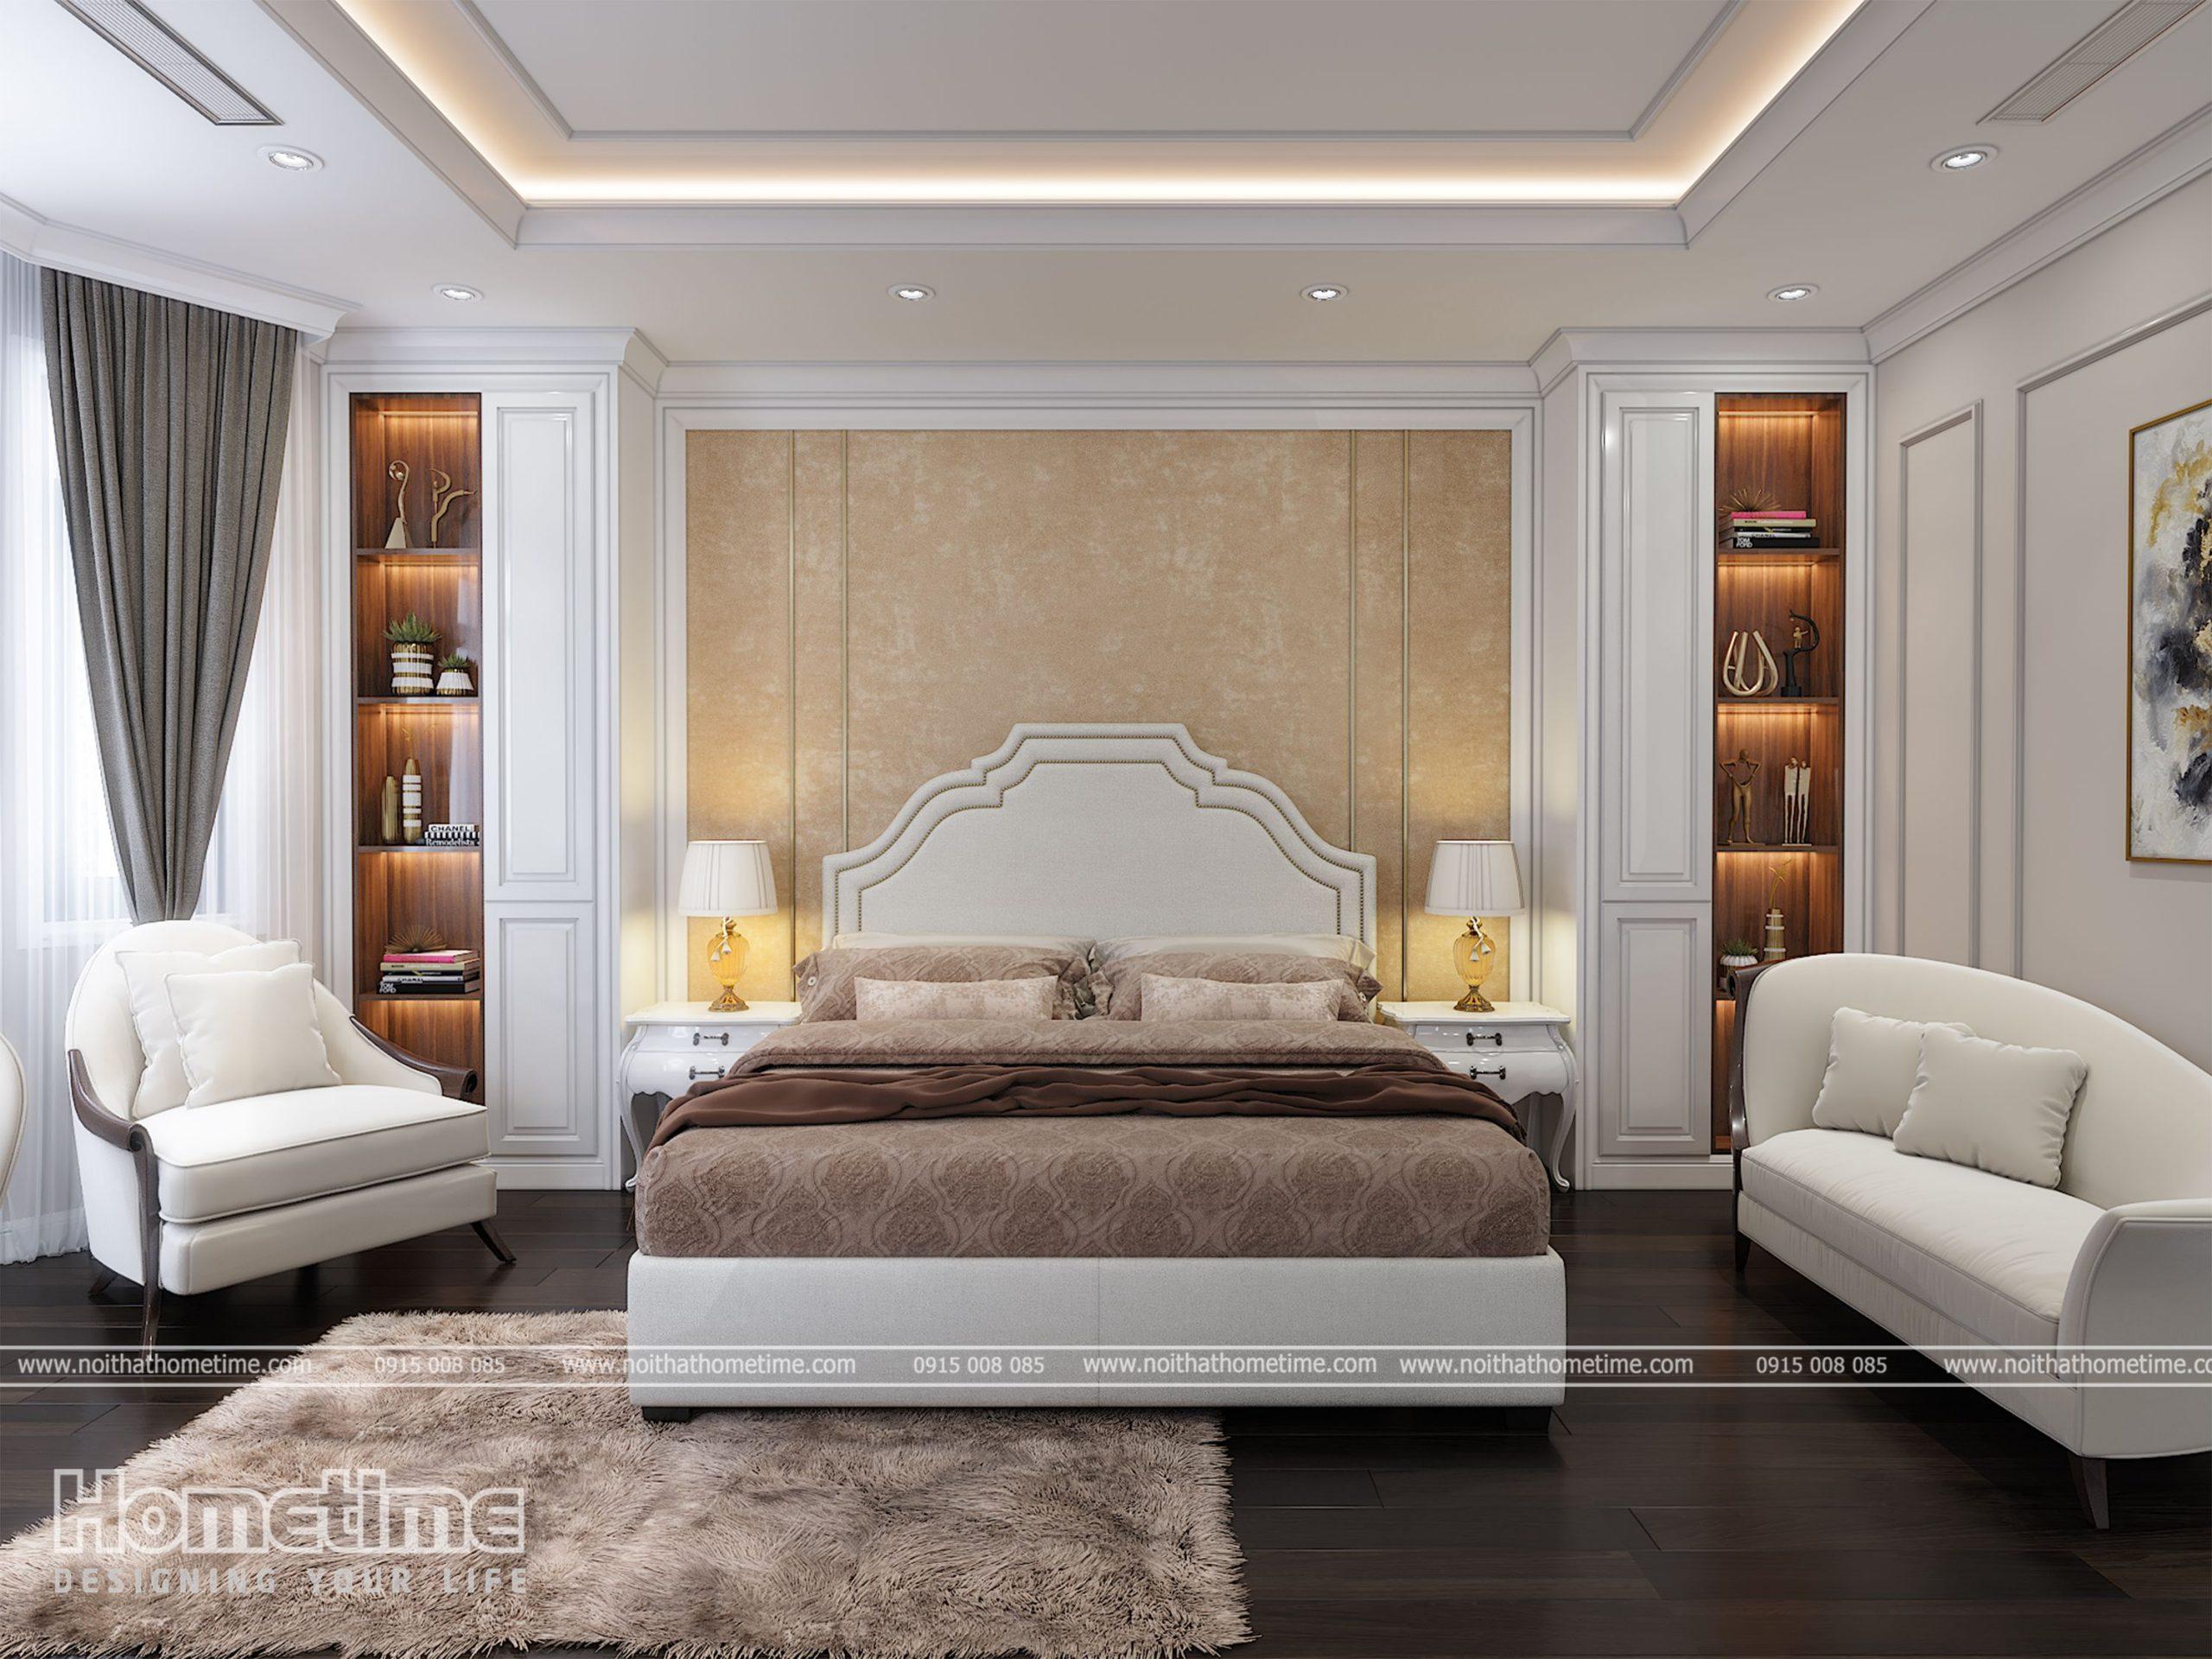 Giường ngủ kiểu dáng tân cổ điển với màu nâu sữa